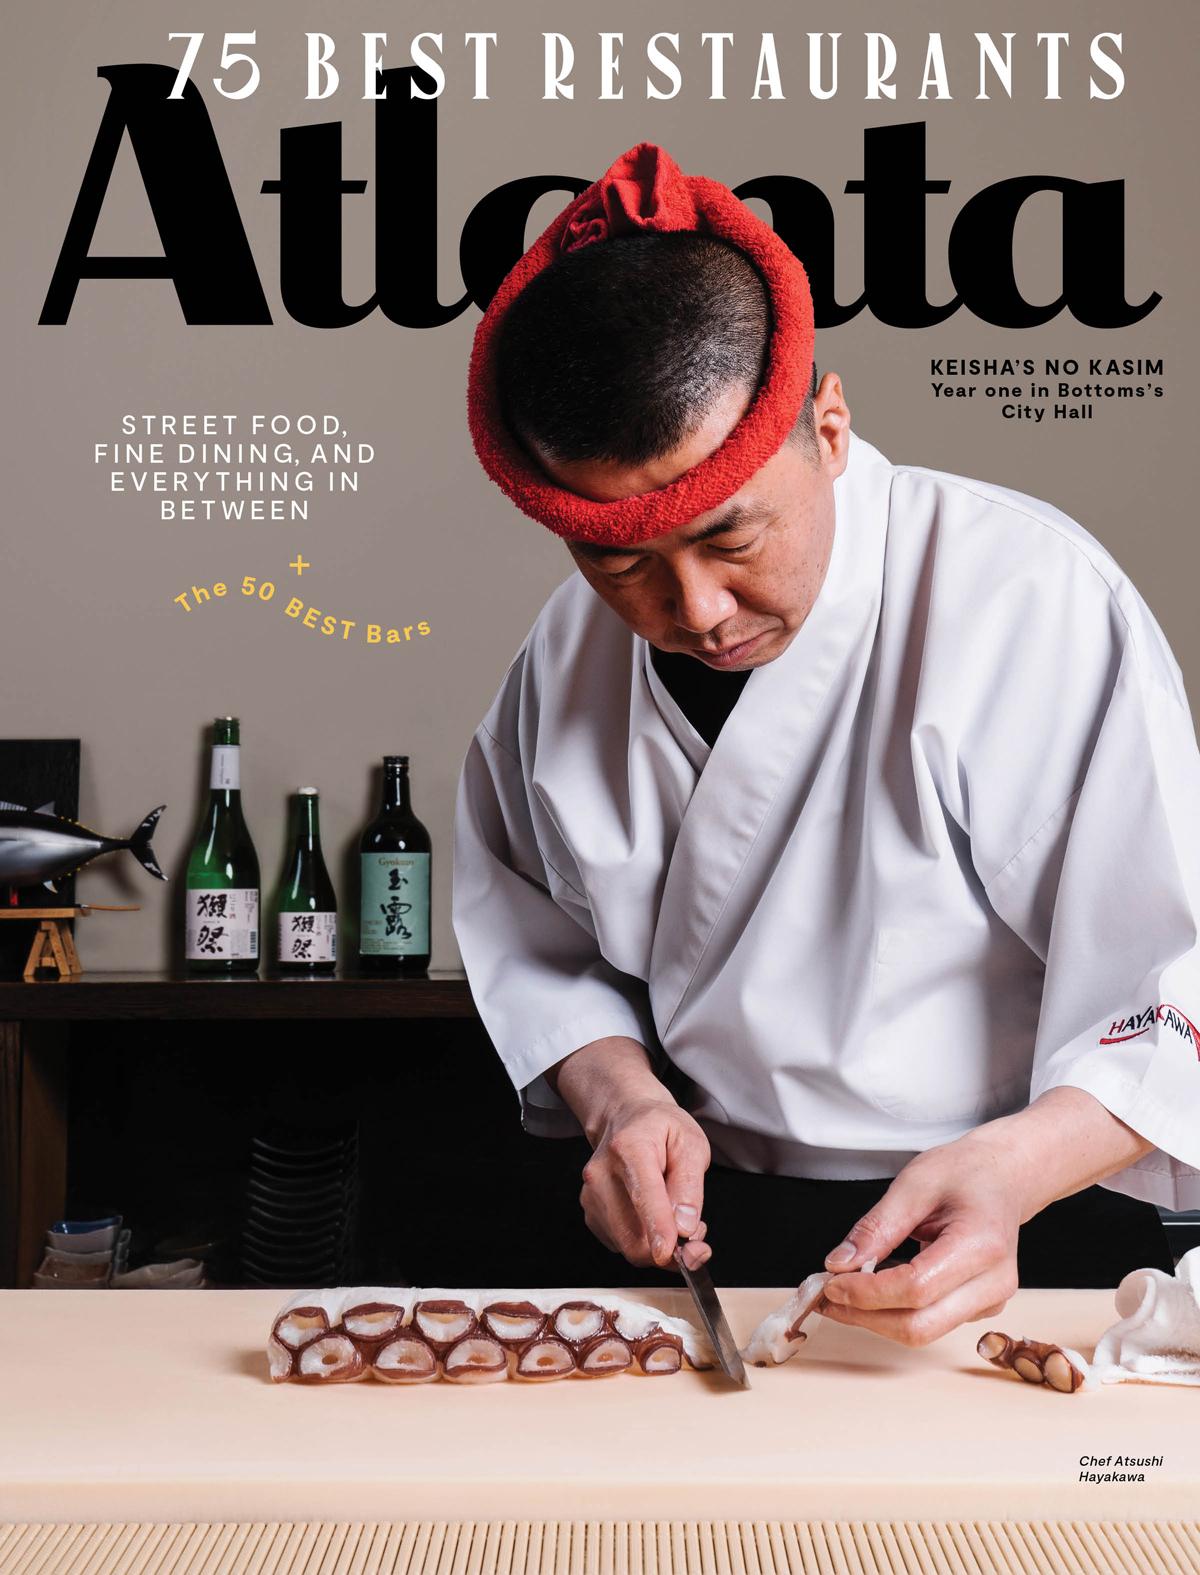 Atlanta Magazine June 2019 cover - 75 Best Restaurants in Atlanta